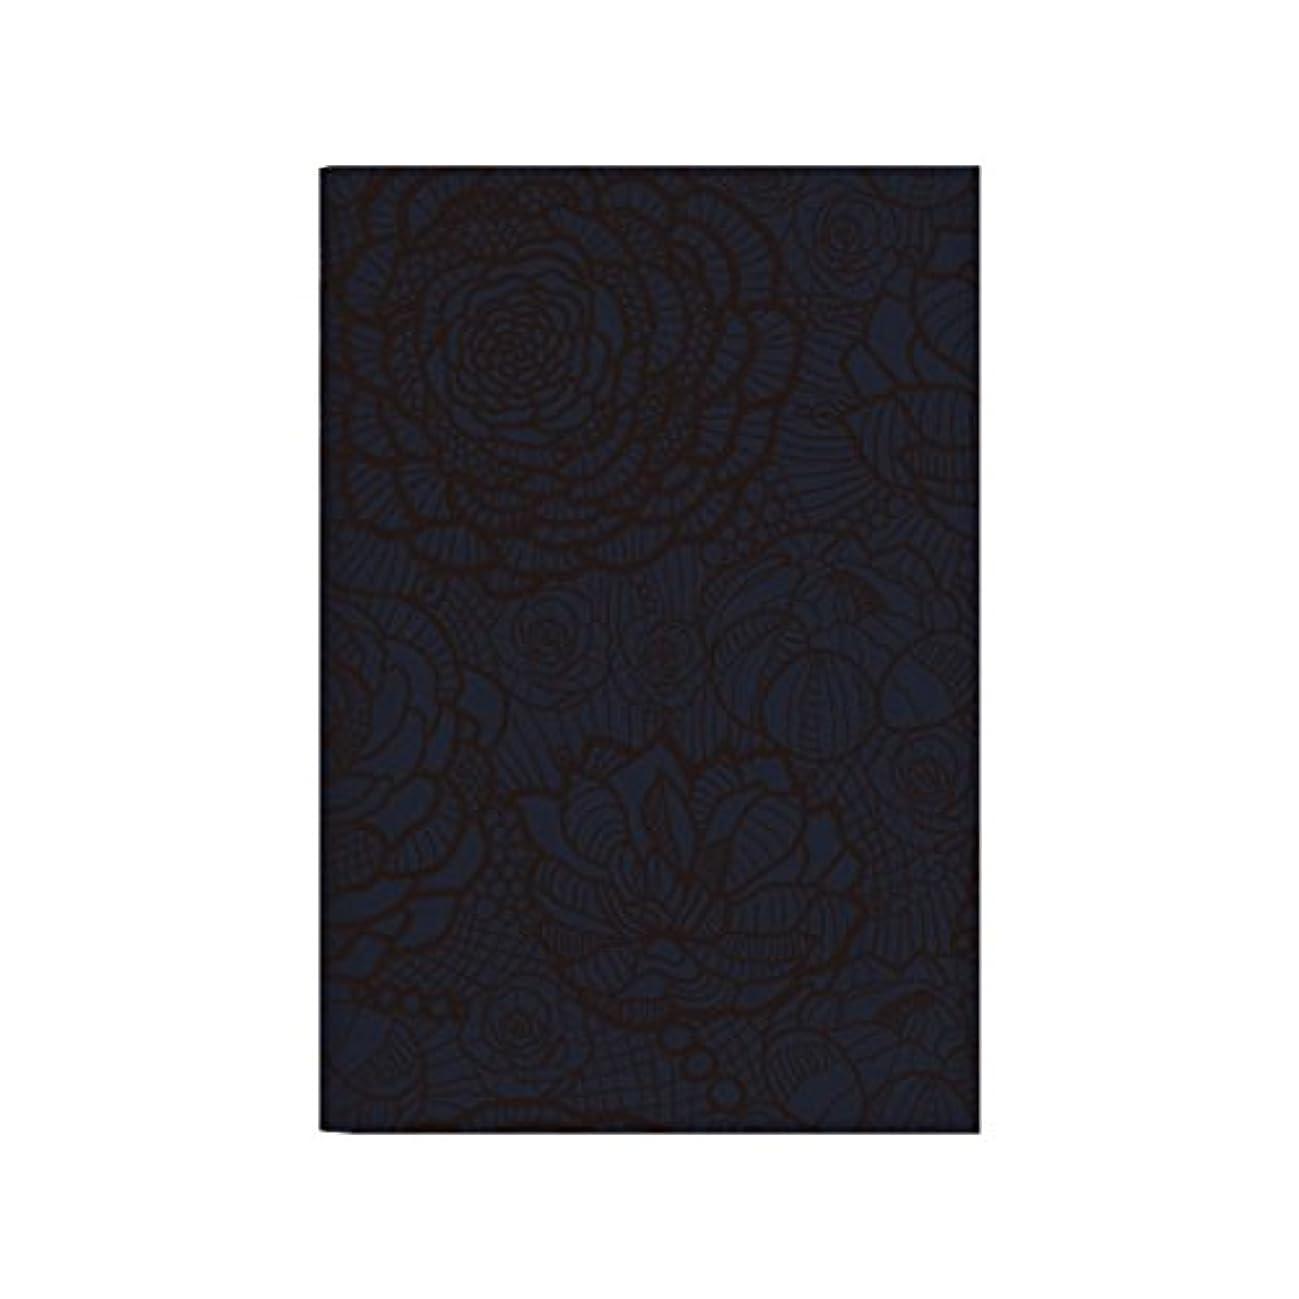 ノートカバー B5 レザー風 撥水機能 名入れ 2618お花のレース ( ブラック ) ネイビー